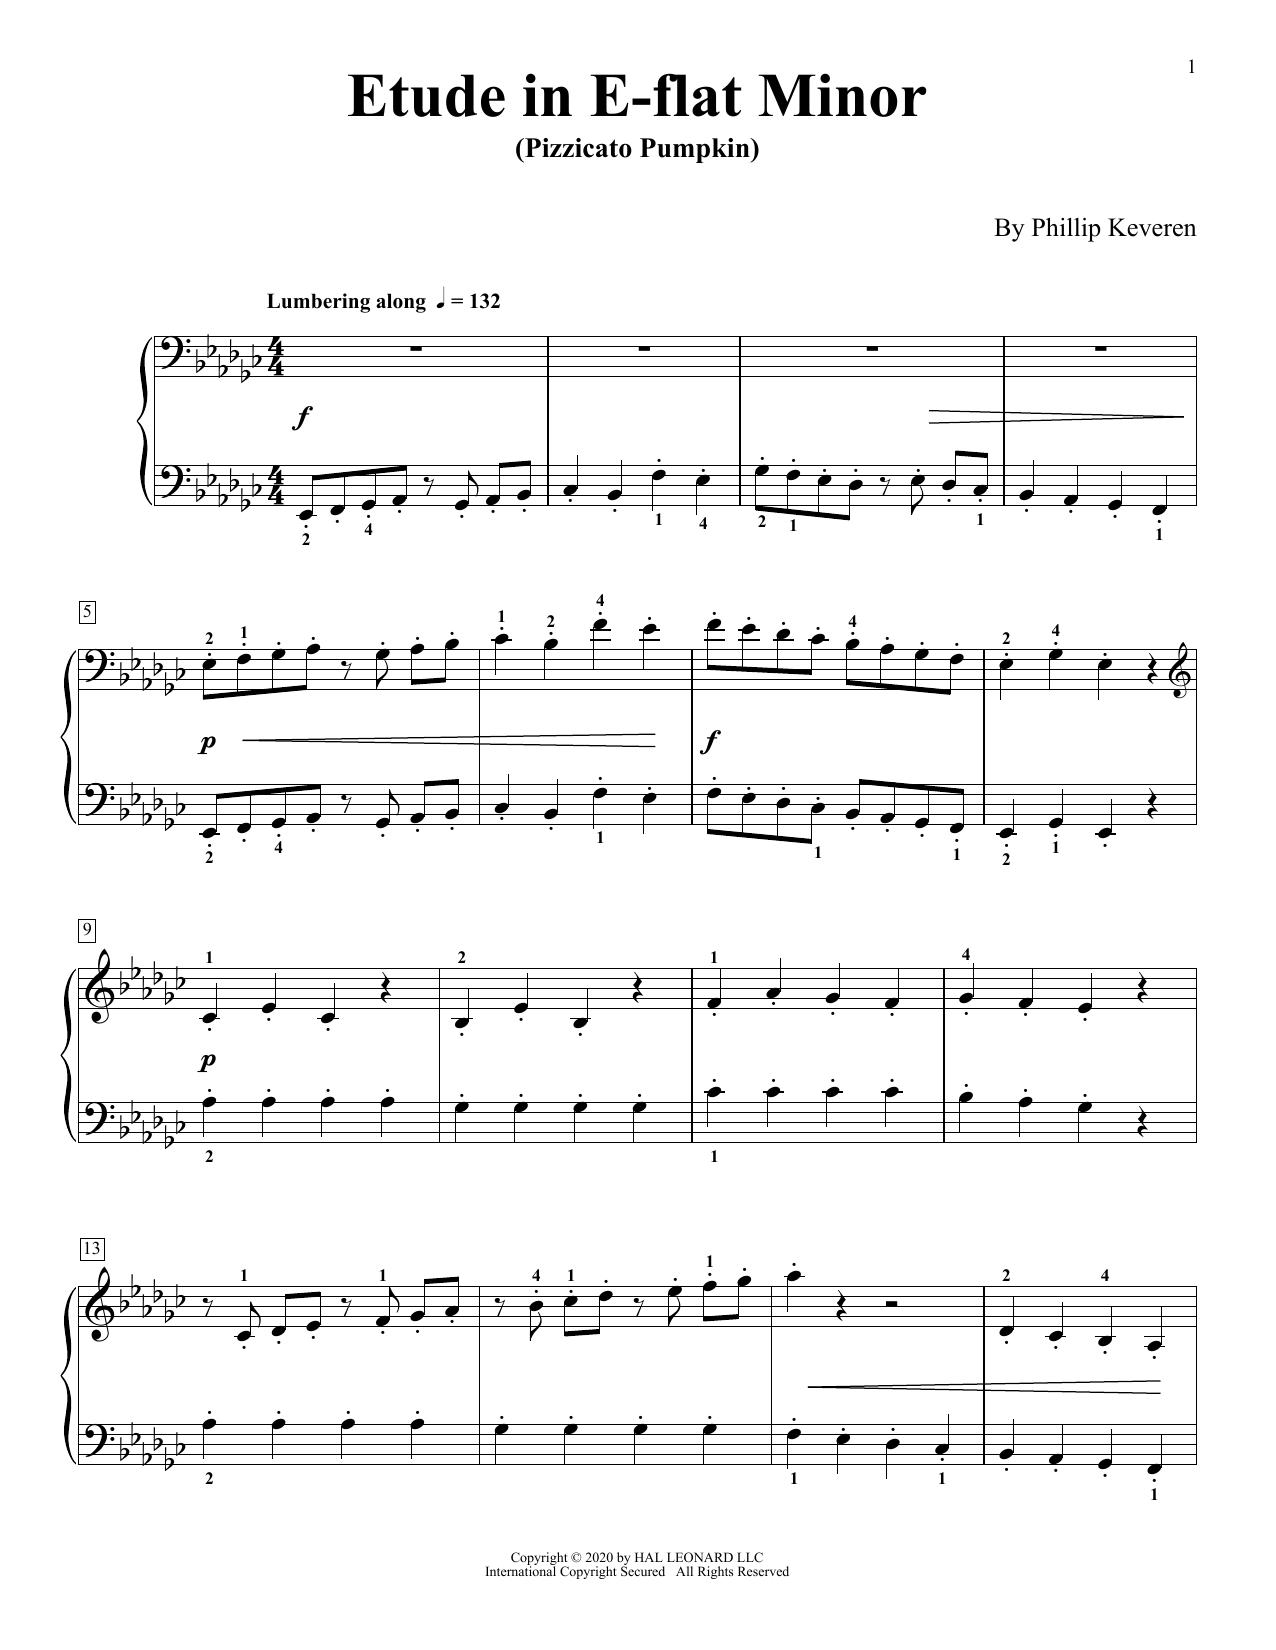 Etude In E-Flat Minor (Pizzicato Pumpkin) (Piano Solo)